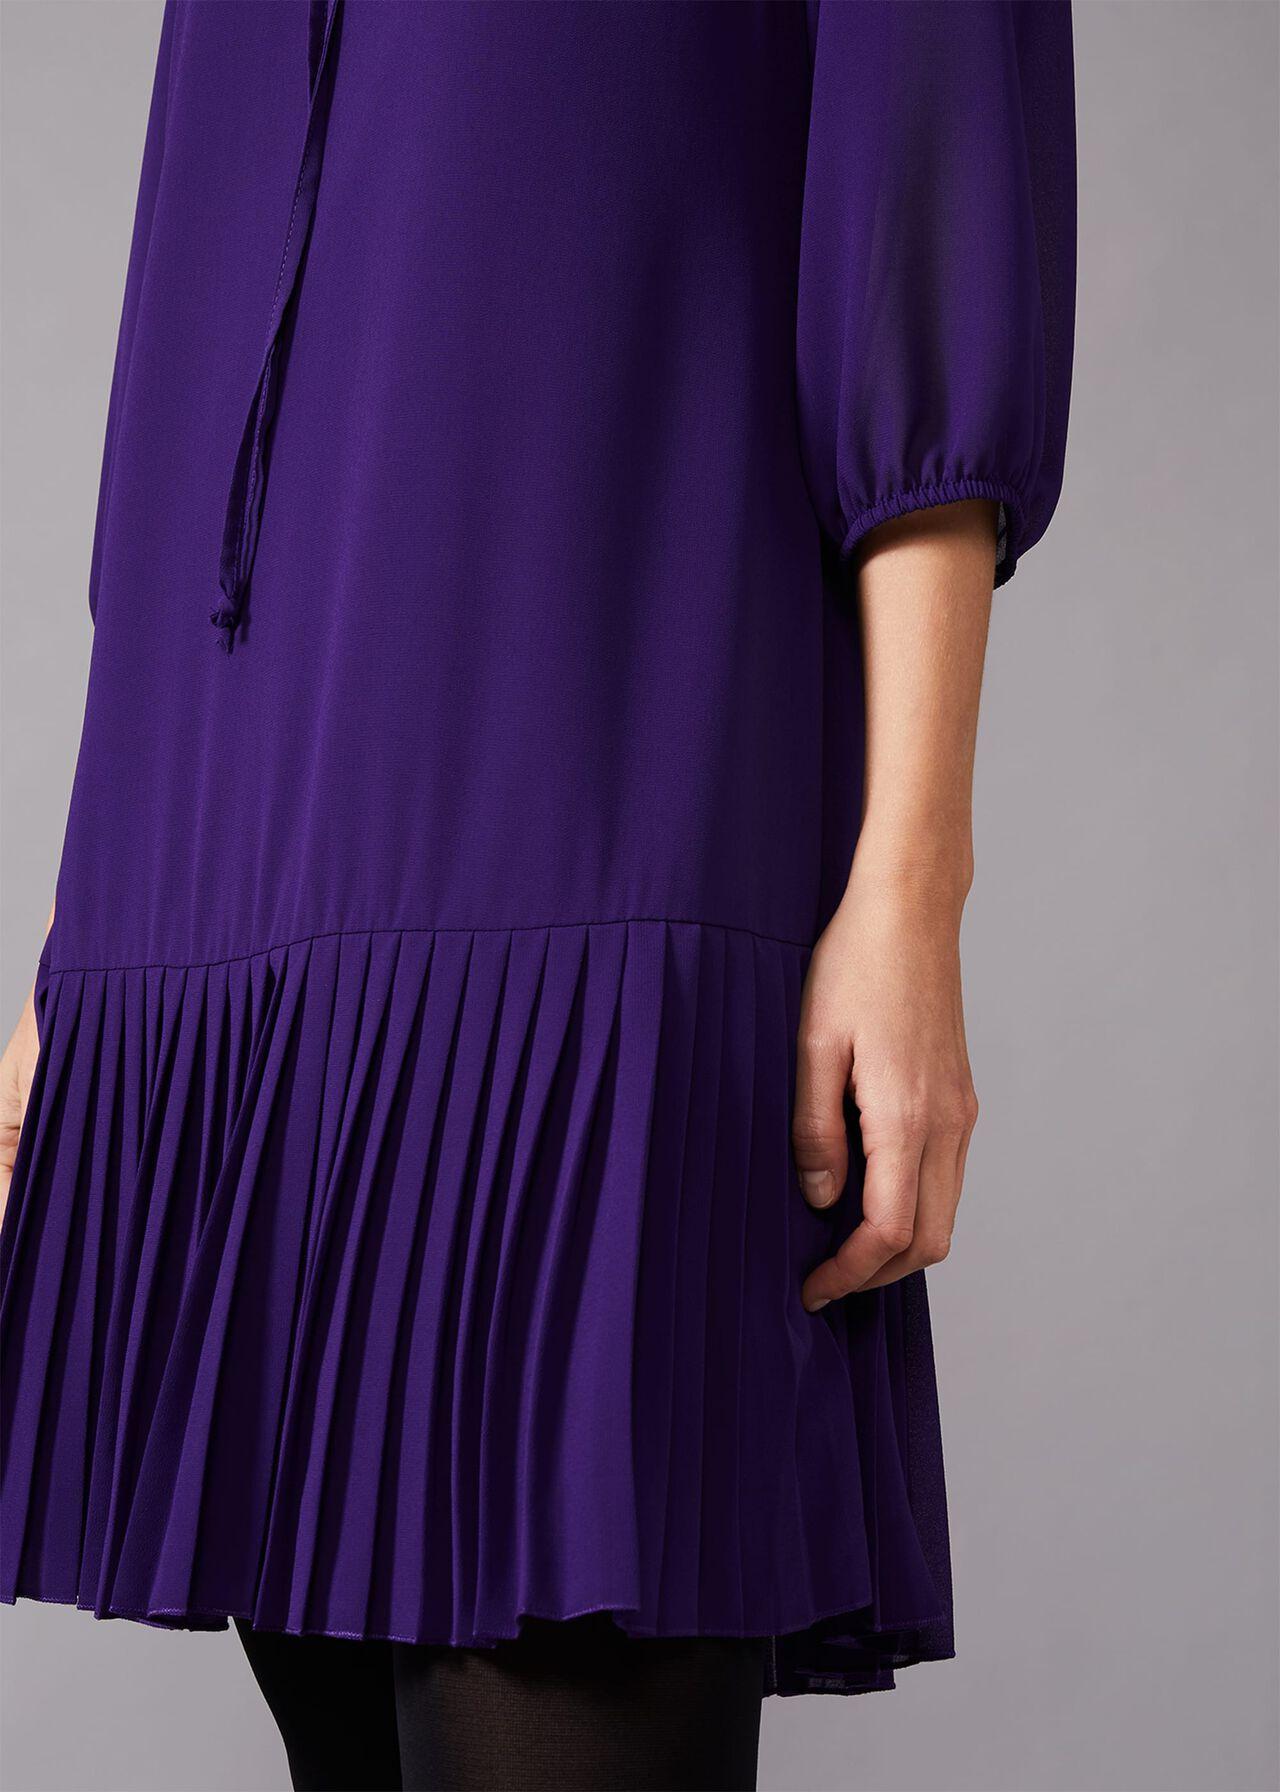 Maisie Pleat Dress